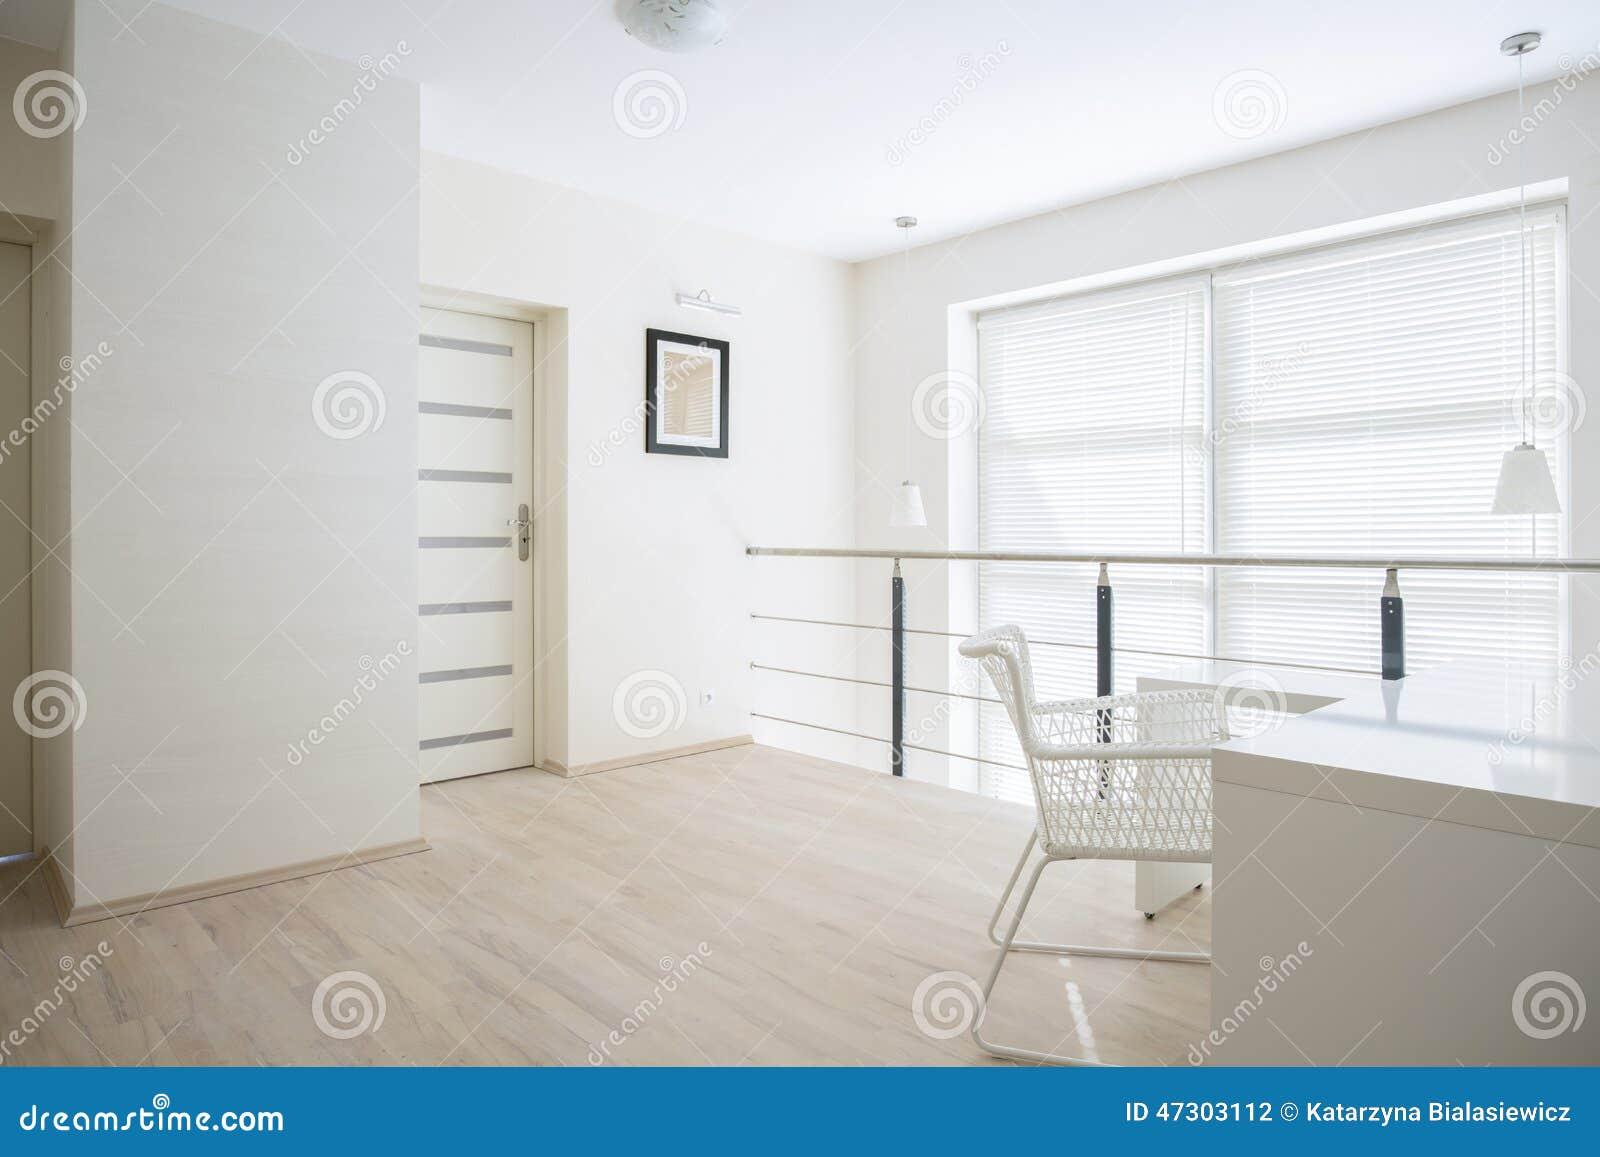 Heldere gang op mezzanine vloer stock foto afbeelding bestaande